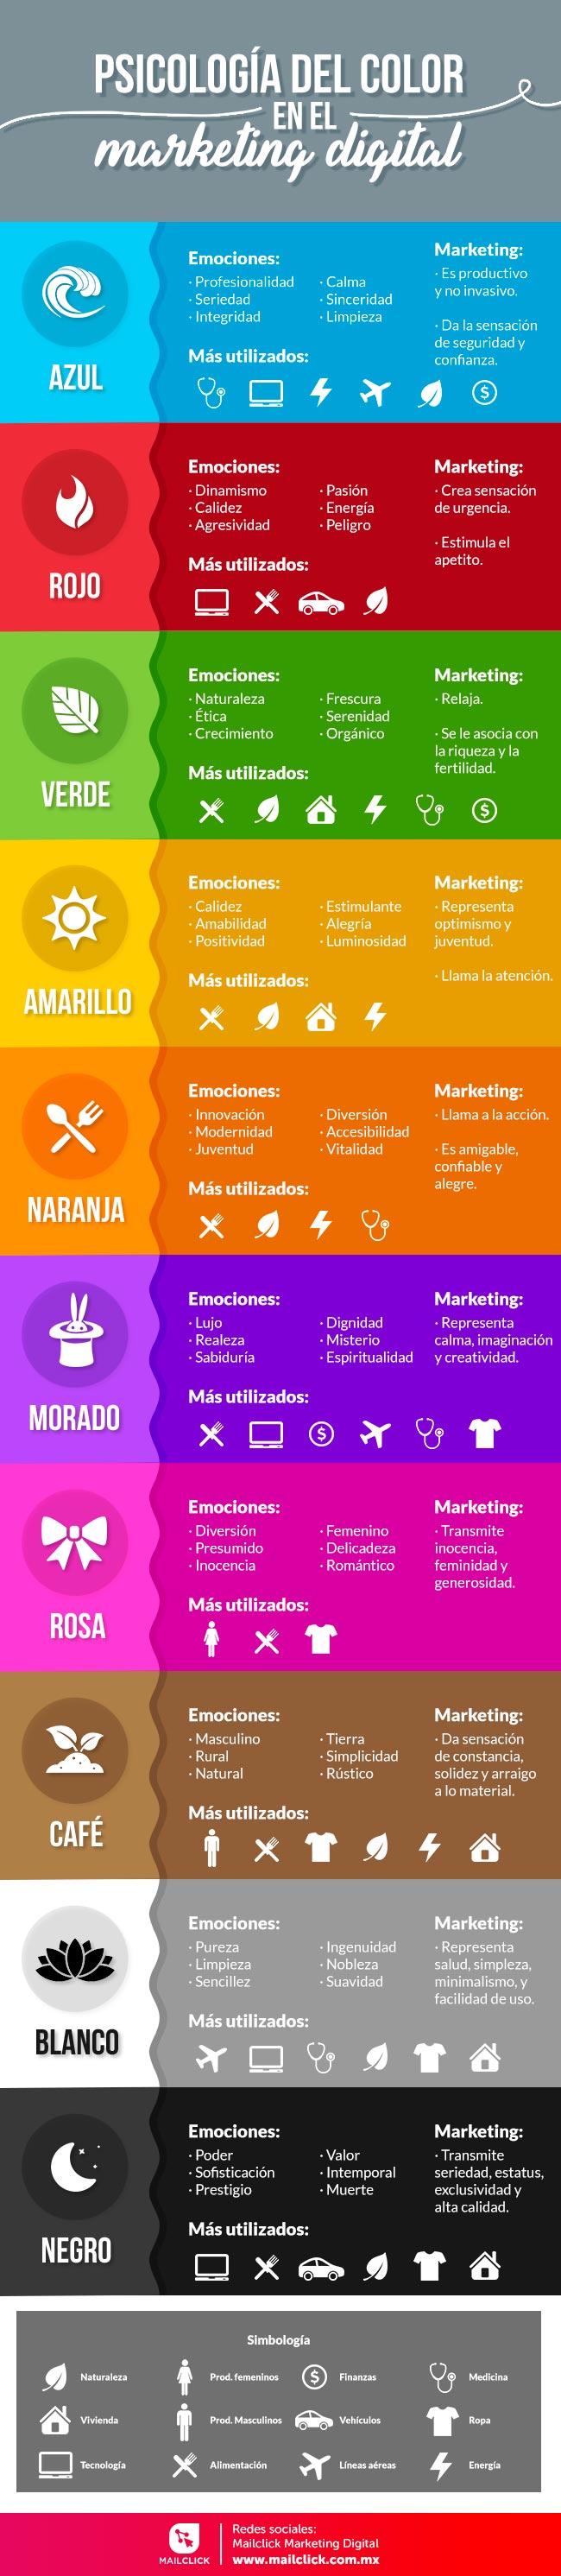 Infografía de la Psicología del color